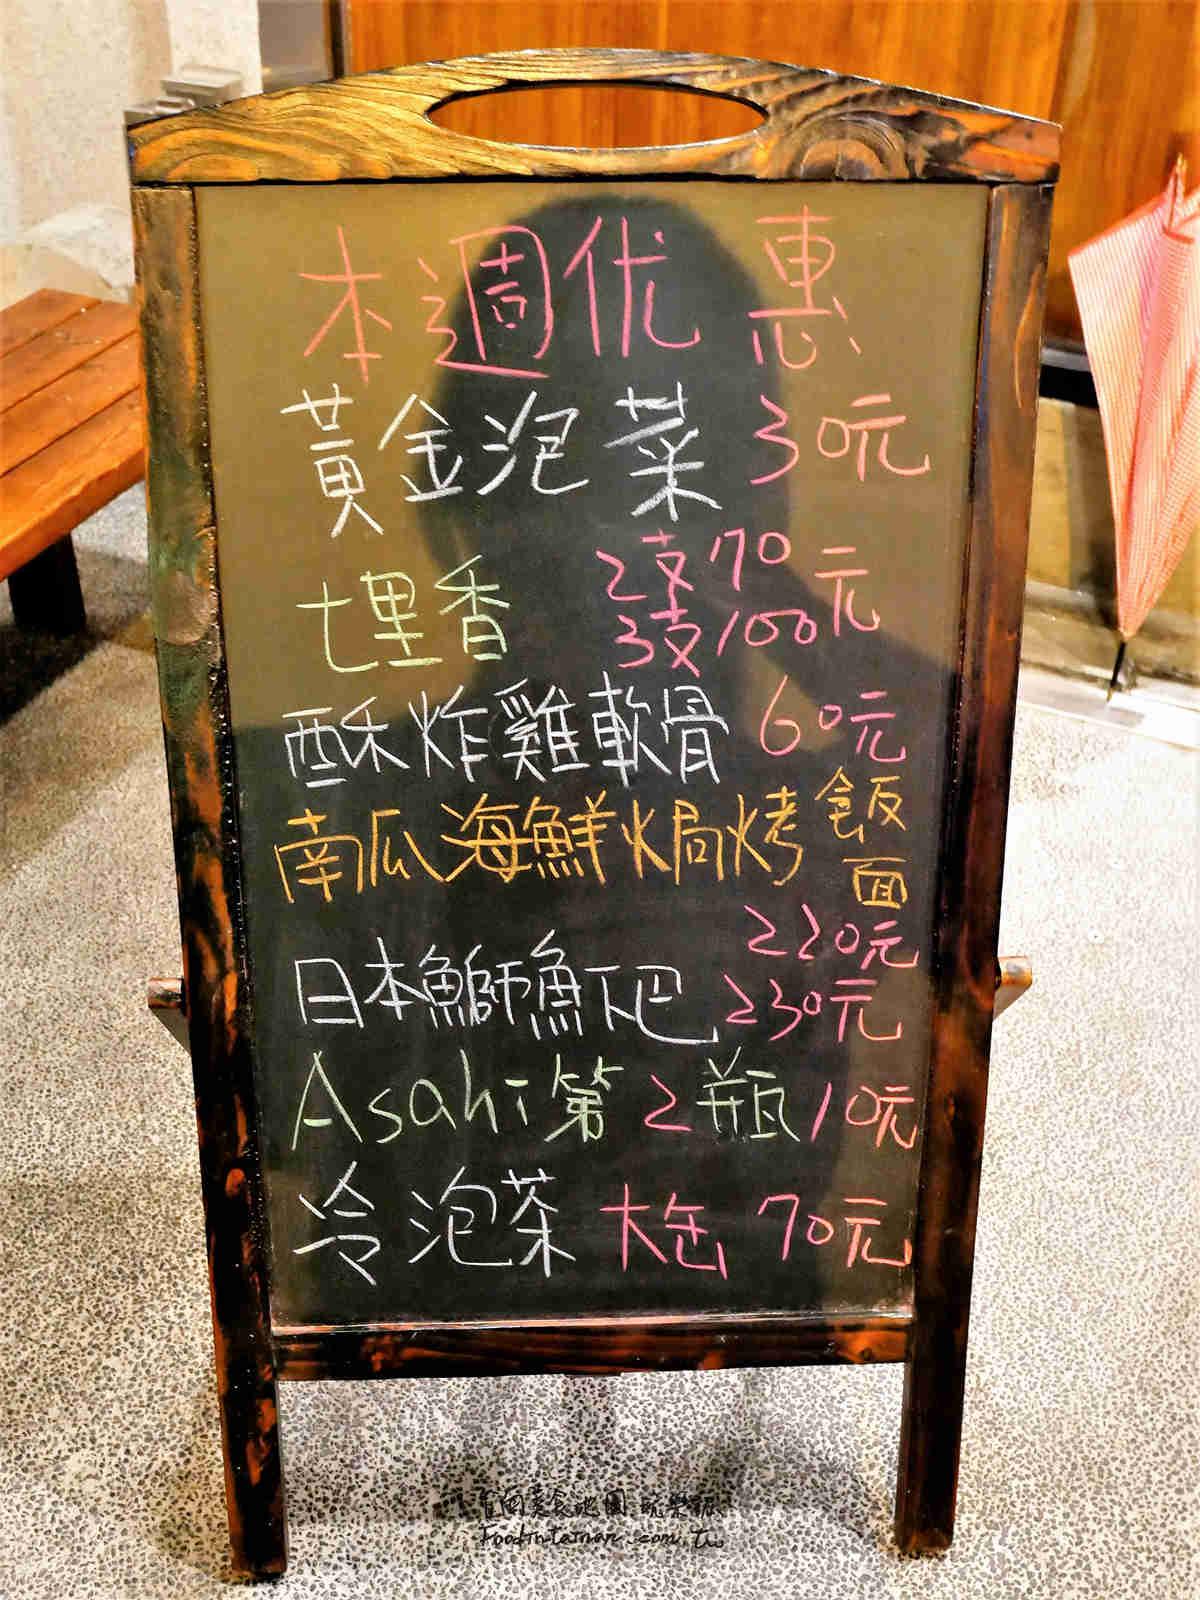 台南推薦小資平價創意家庭日式料理串物燒烤-皋月當代日式料理